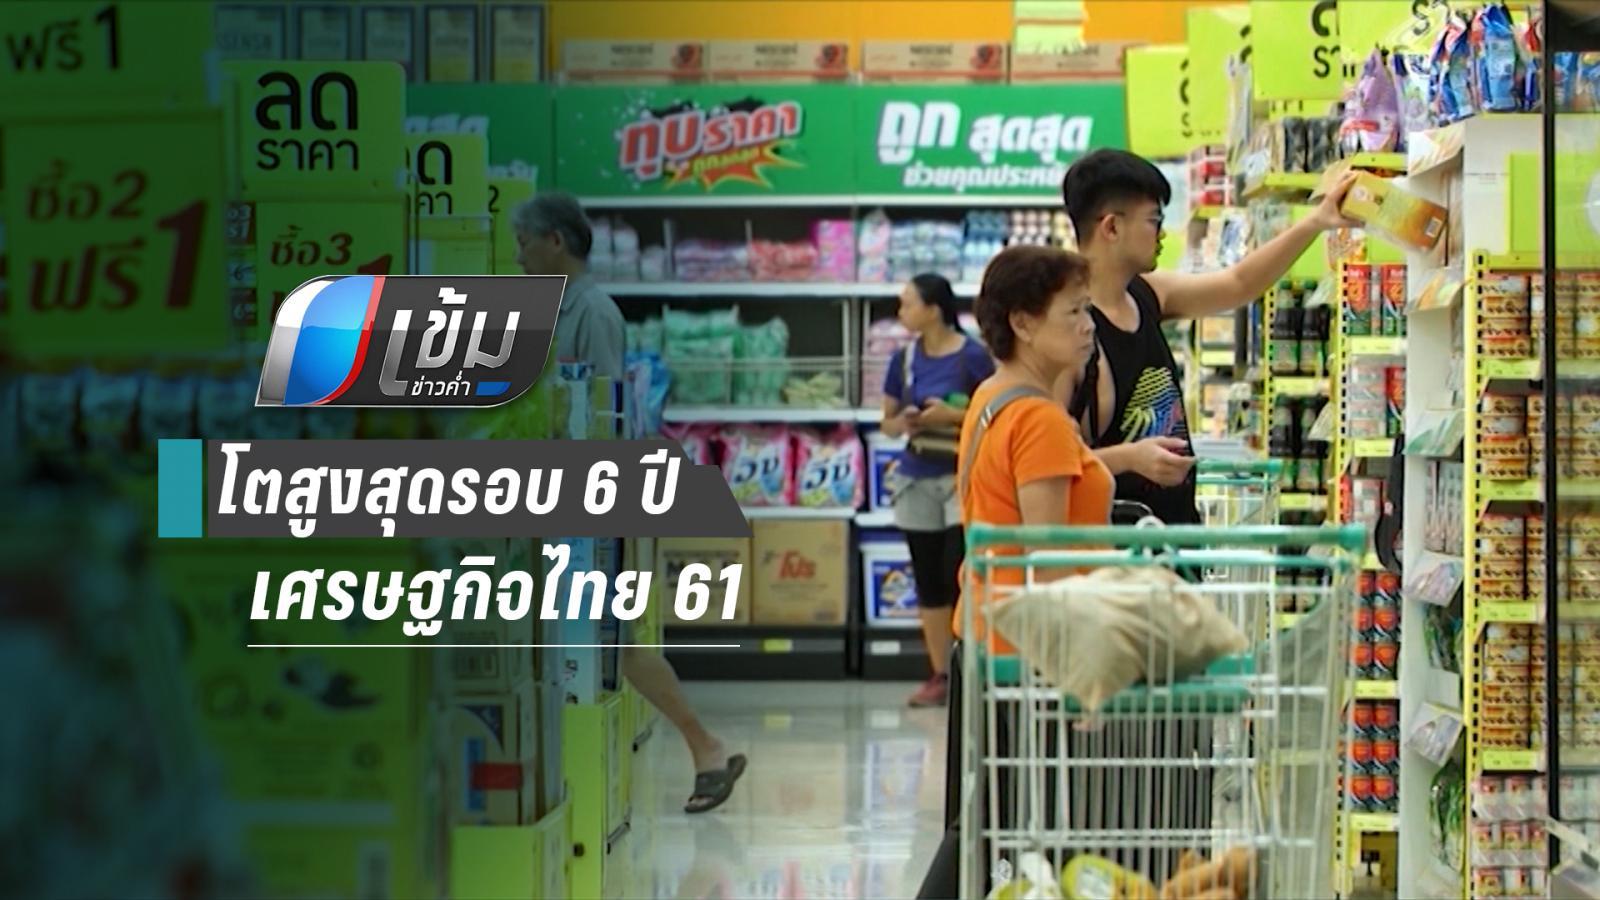 เศรษฐกิจไทย 61 โตสูงสุดรอบ 6 ปี